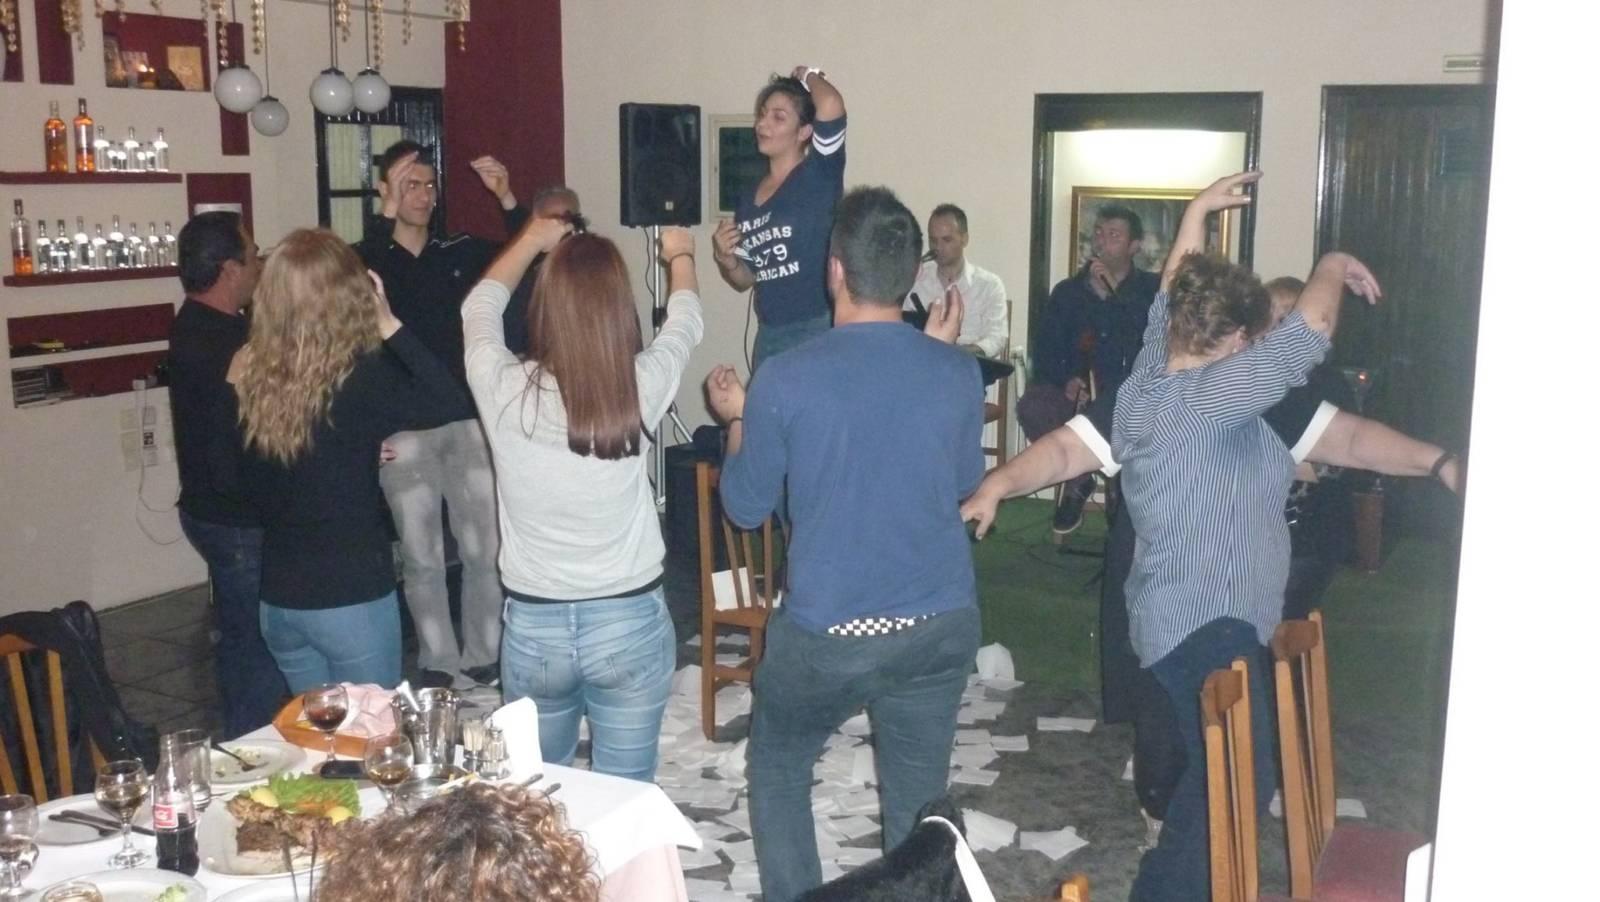 Το νταούλι πήρε «φωτιά», το βράδυ της Παρασκευής 27/11, στην Ταβέρνα Μεζεδοπωλείο «κάπως αλλιώς», στην Πτολεμαΐδα